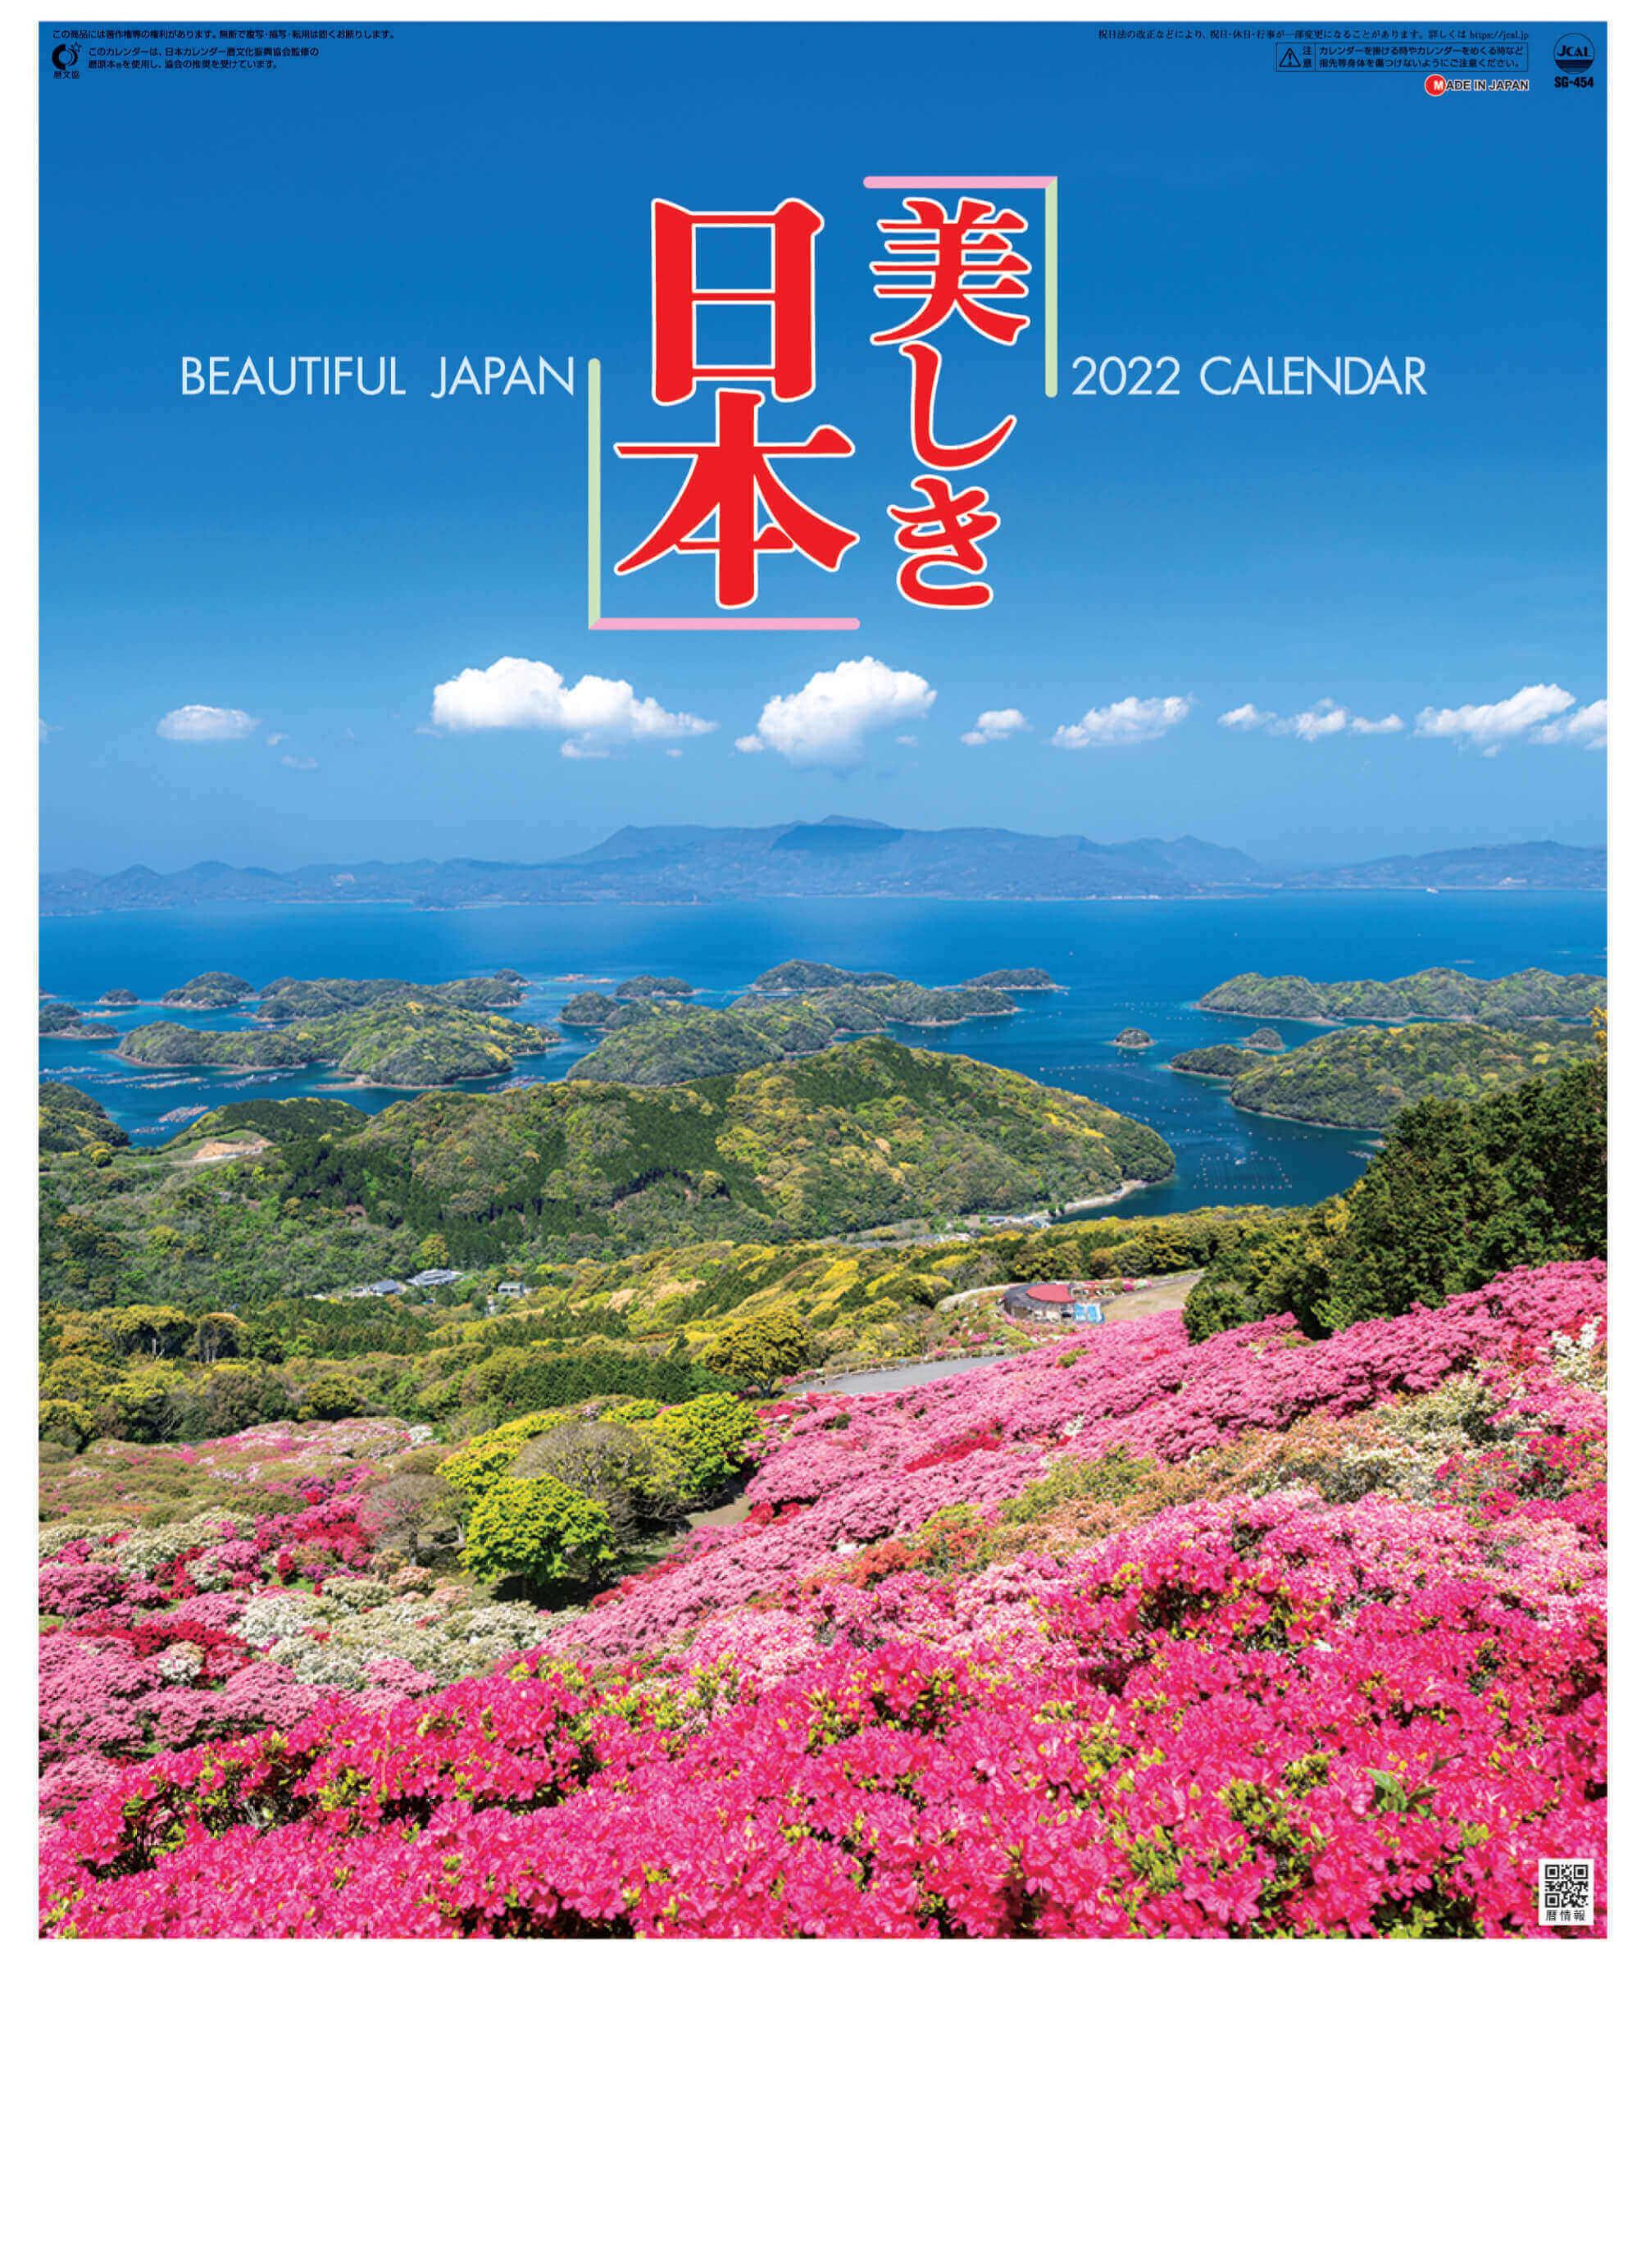 美しき日本 2022年カレンダーの画像